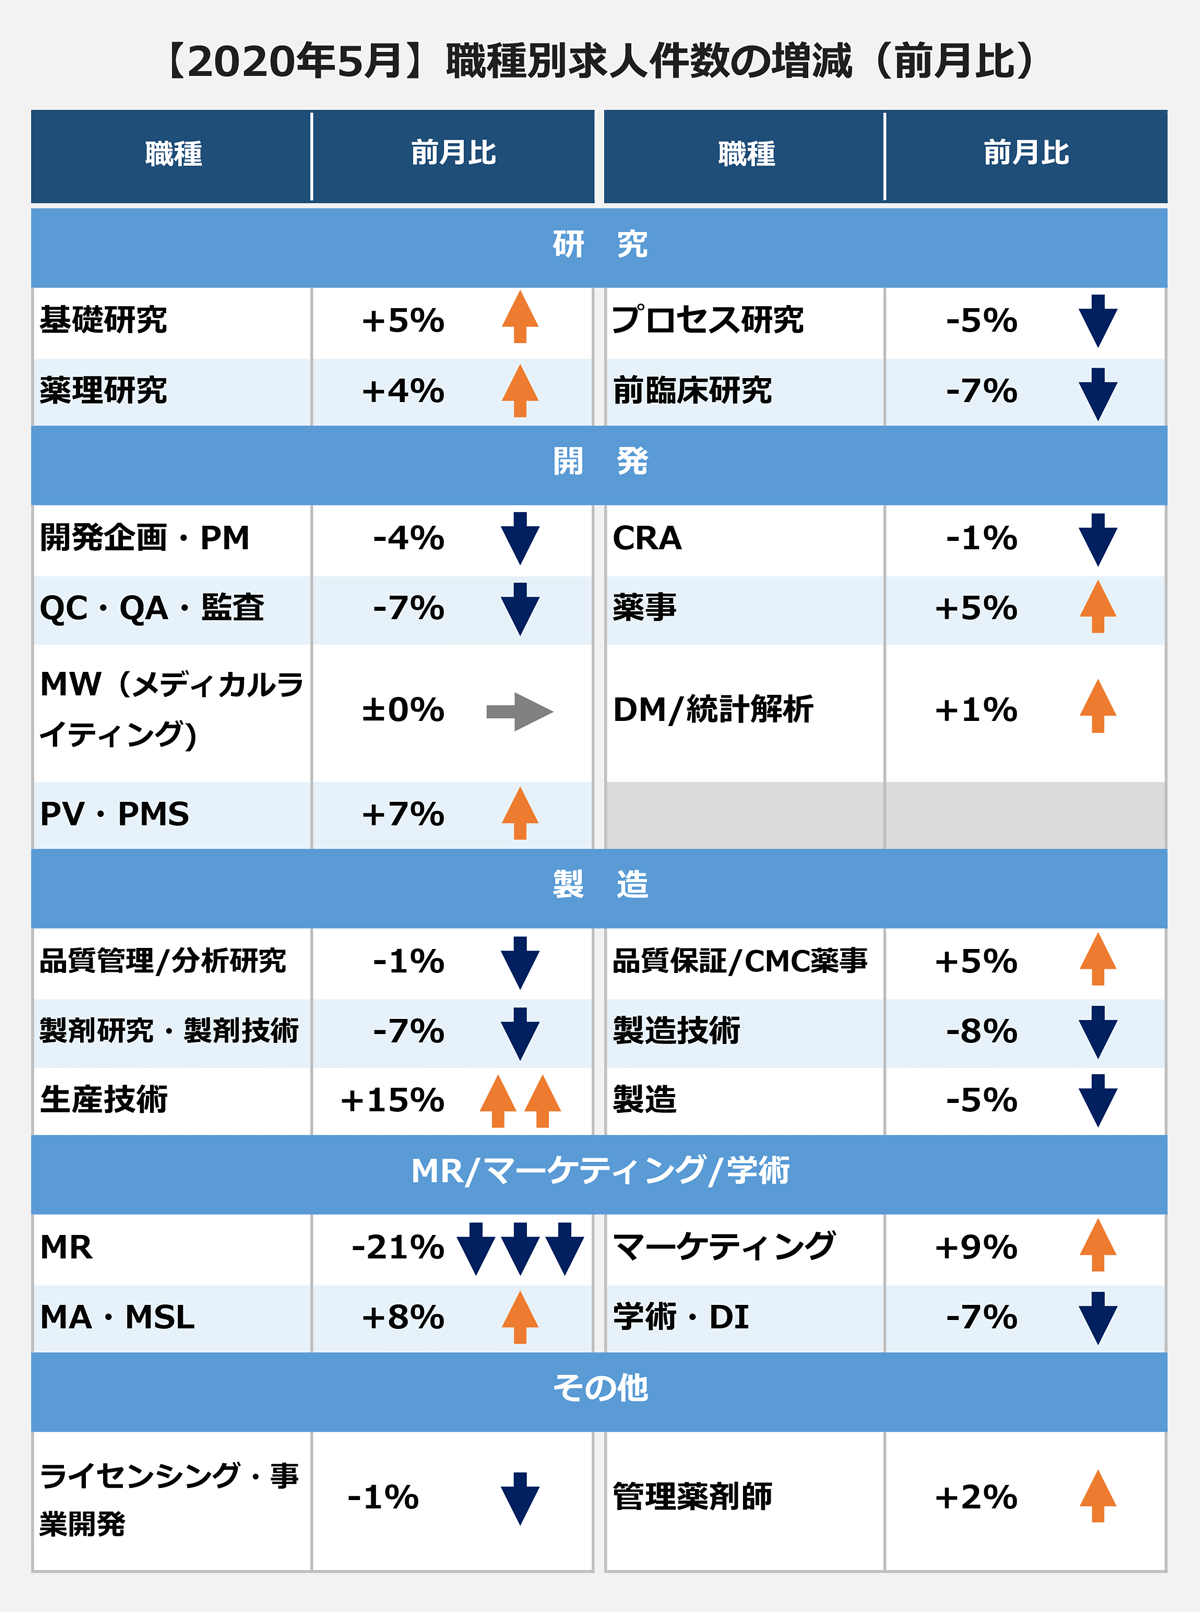 【2020年5月】職種別求人件数の増減(前月比)(職種/前月比):/ <研究> 基礎研究/+5% |薬理研究/+4% |プロセス研究/-5% |前臨床研究/-7% <開発> |開発企画・PM/-4% |QC・QA・監査/-7% |MW(メディカルライティング)/±0% |PV・PMS/-7% |CRA/-1% |薬事/+5% |DM/統計解析/+1% <製造>/ 品質管理/分析研究/-1% |製剤研究・製剤技術/-7% |生産技術/+15% |品質保証/CMC薬事/+5% |製造技術/-8% |製造/-5% <MR/マーケティング/学術> |MR/-21% |MA・MSL/+8% |マーケティング/+9% |学術・DI/-7% <その他>/ ライセンシング・事業開発/-1% |管理薬剤師/+2%